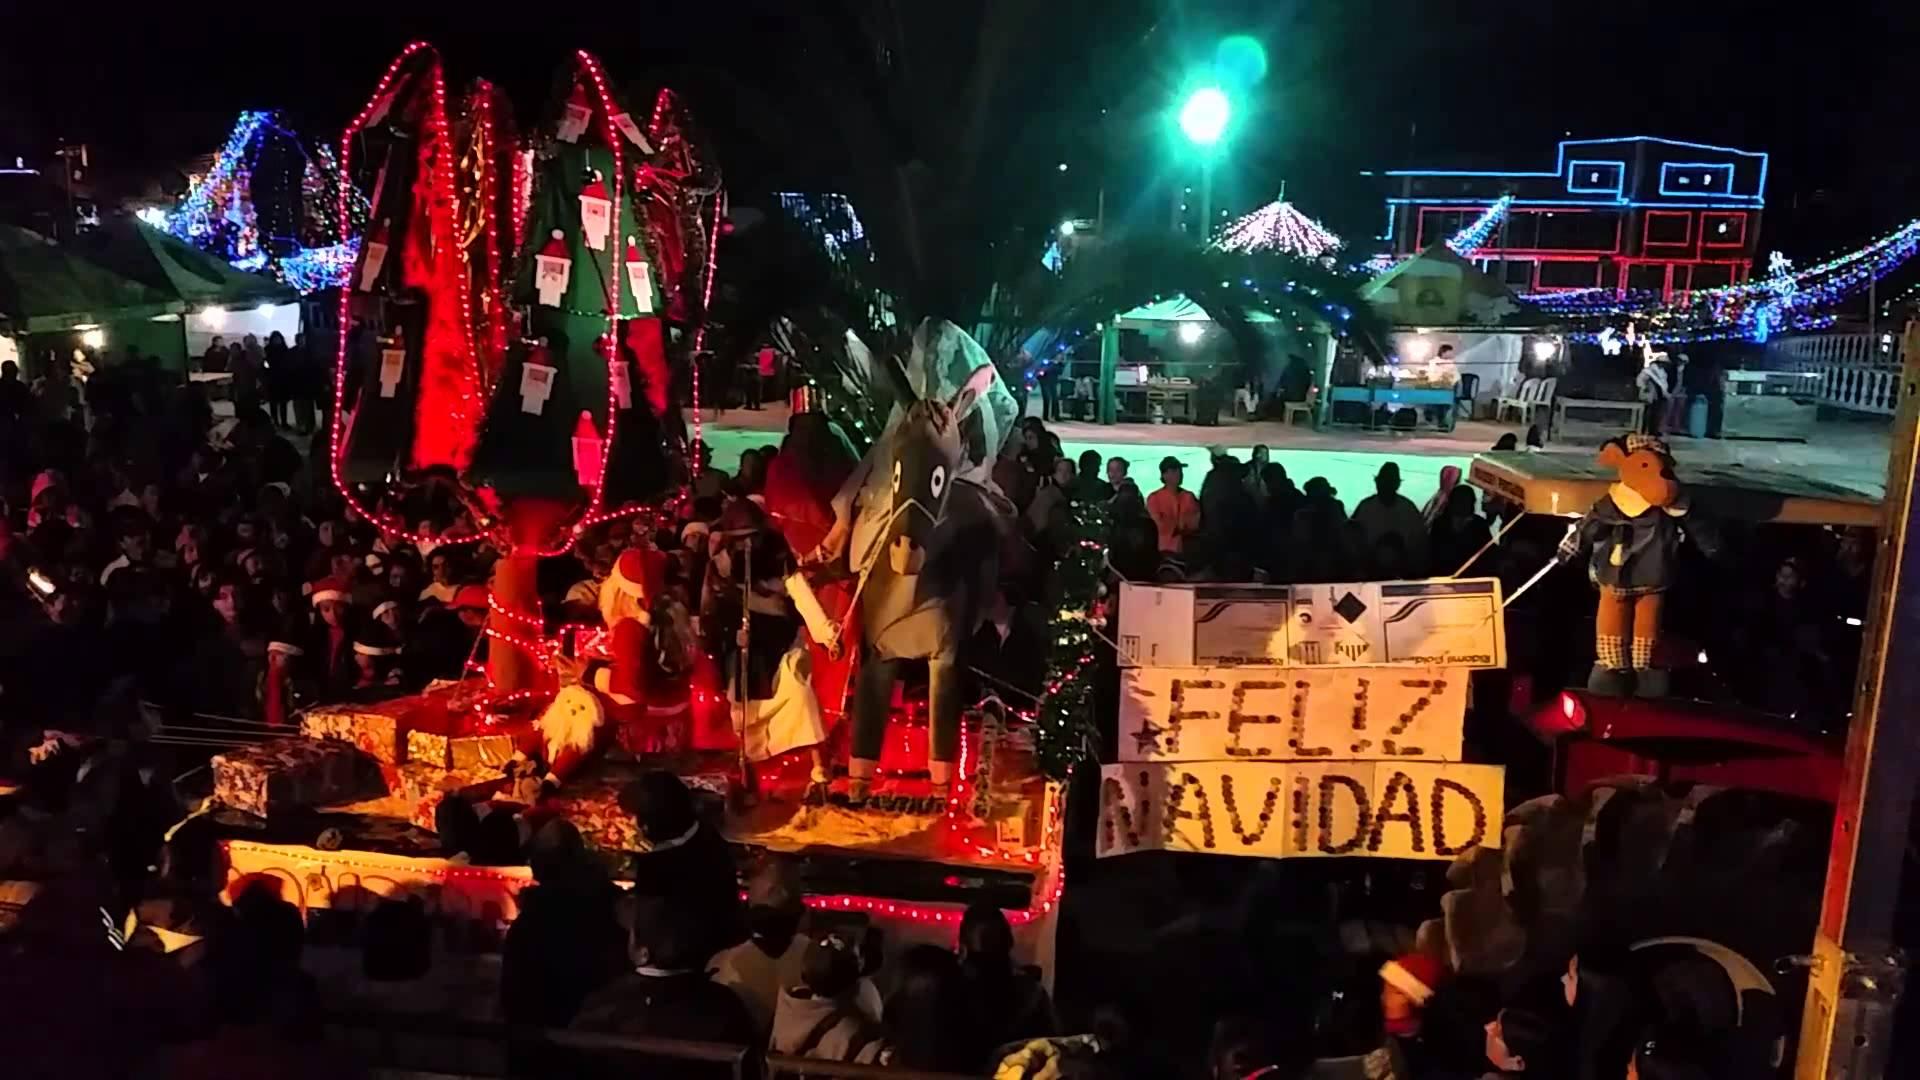 Noche de Aguinaldo, Navidad en Colombia